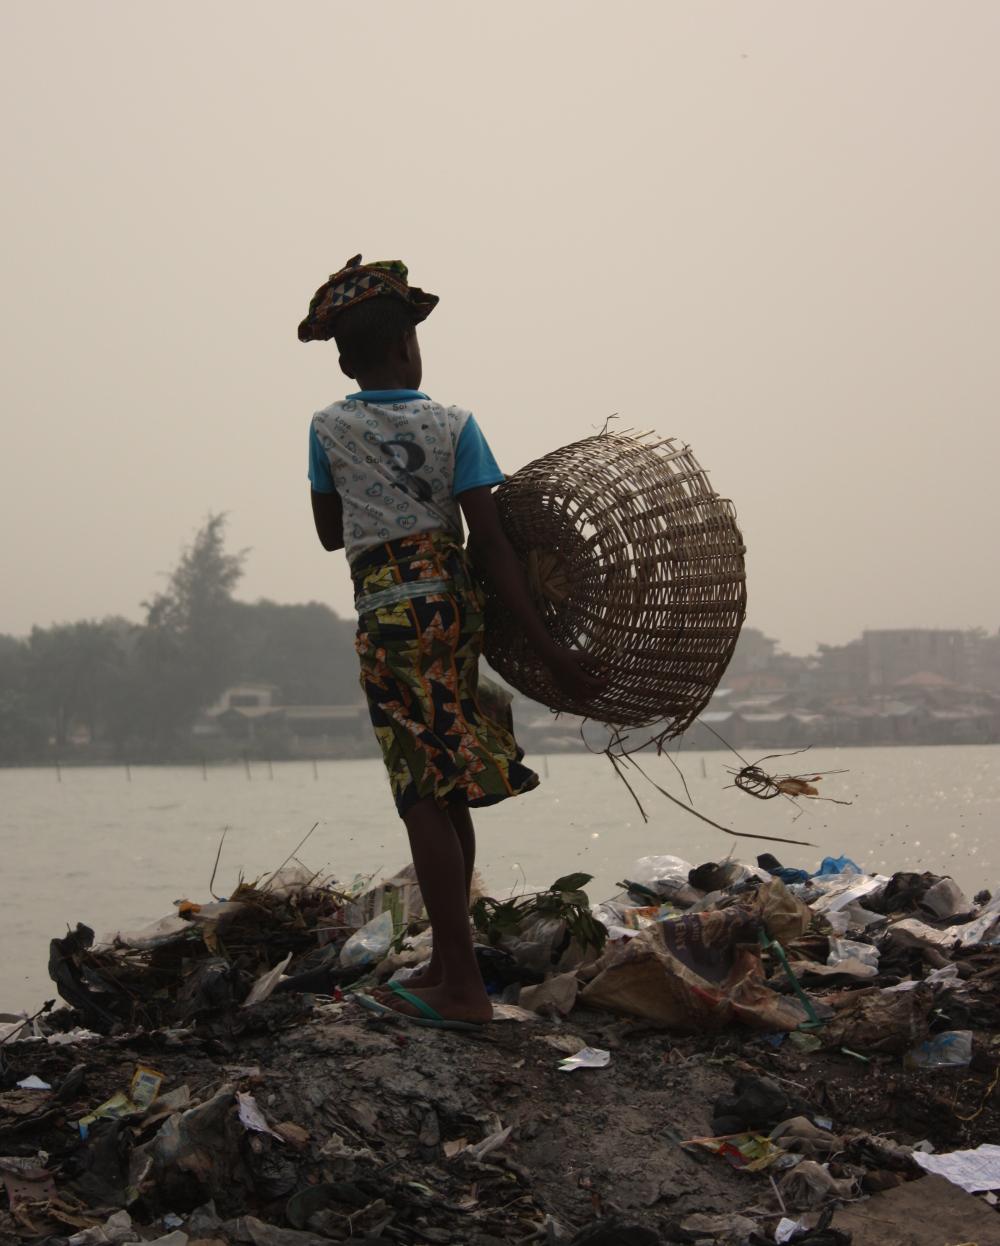 Una niña recoge desechos en el vertedero de Dantokpa